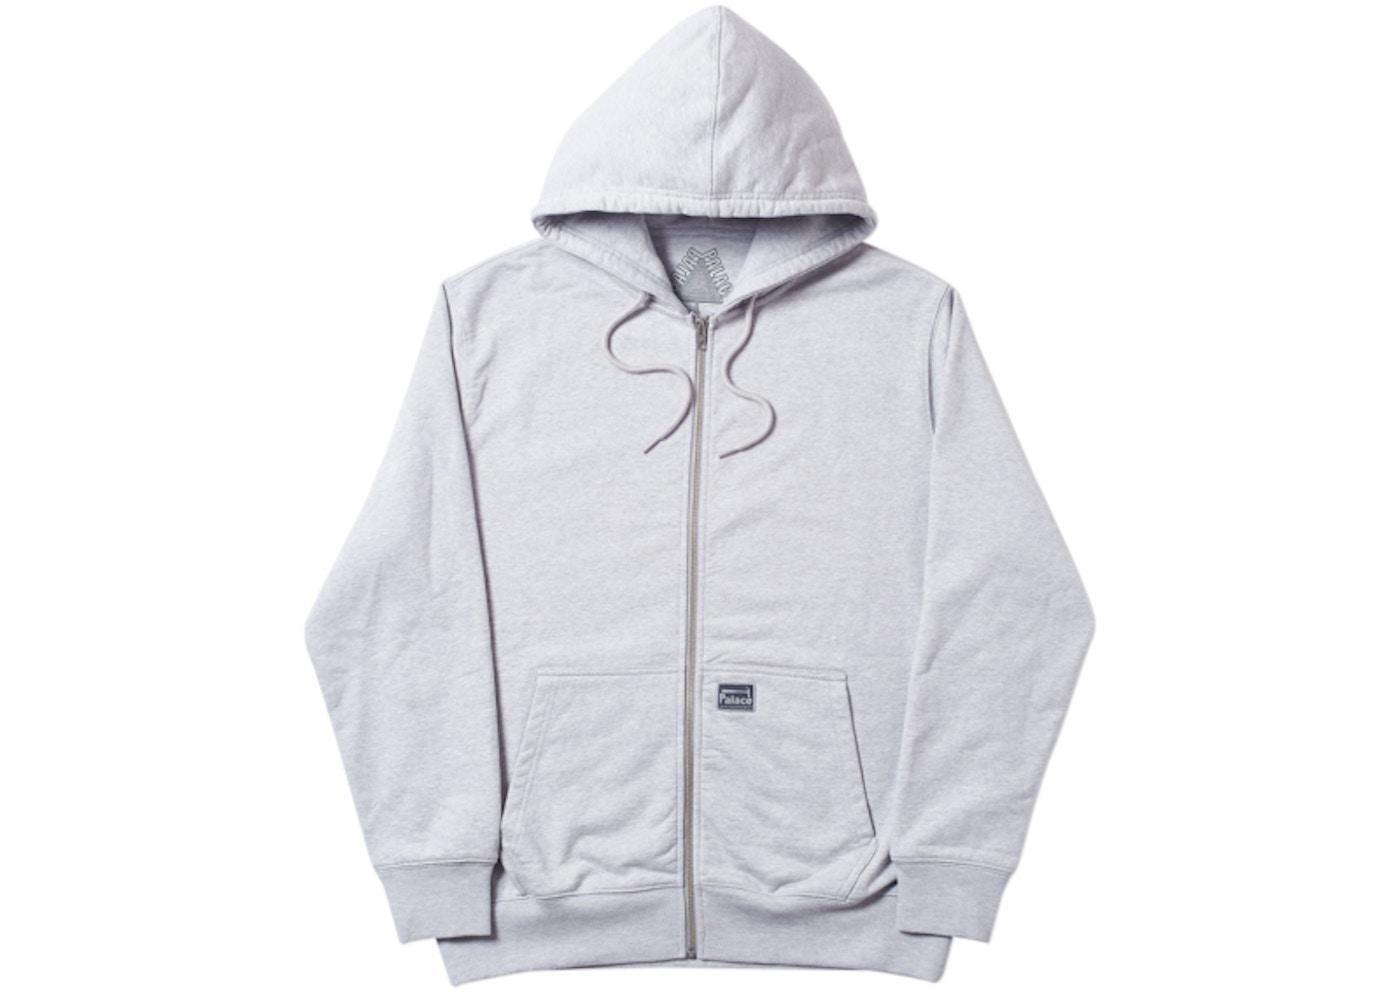 49fff345175d Streetwear - Palace Tops Sweatshirts - New Highest Bids